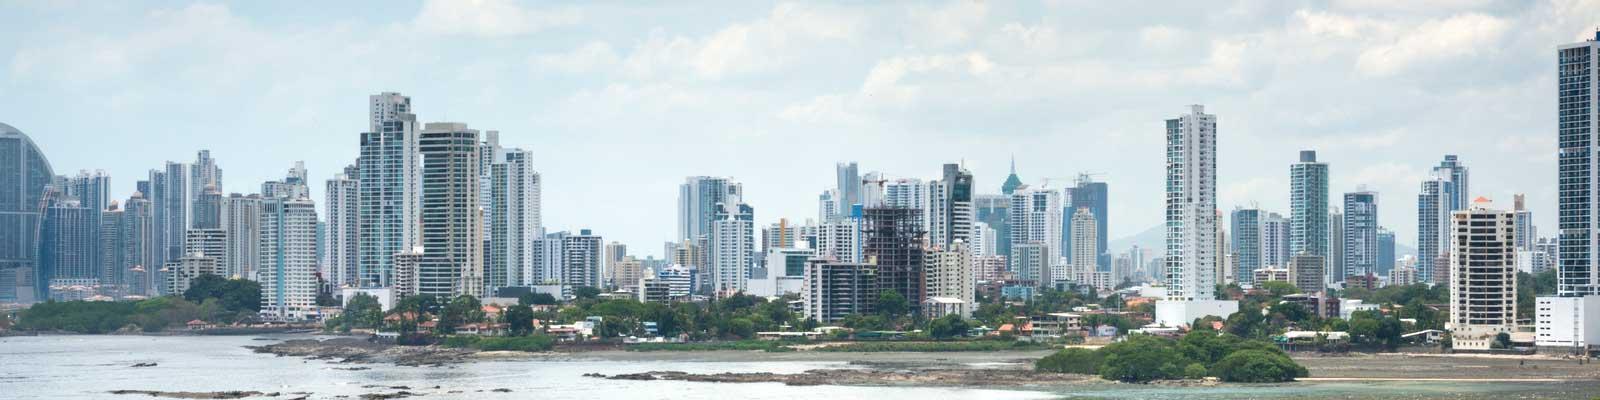 Panamá Immobilien - Büros, Bauflächen, Hotels - Bauen, Investieren, Mieten